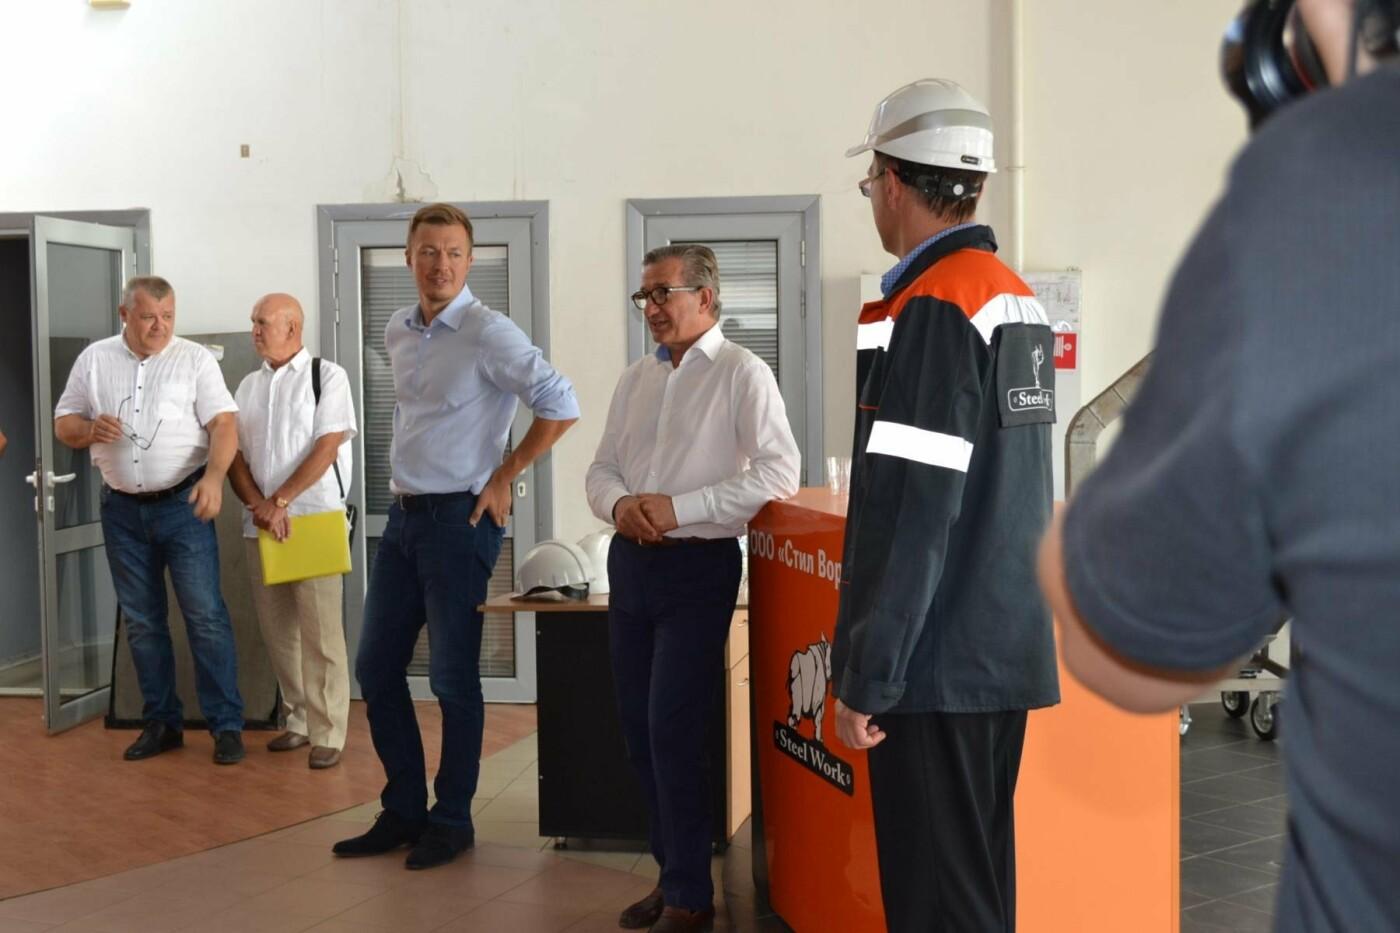 Что надо менять? - работники криворожского завода Steel Work получили ответ от Сергея Таруты, фото-2